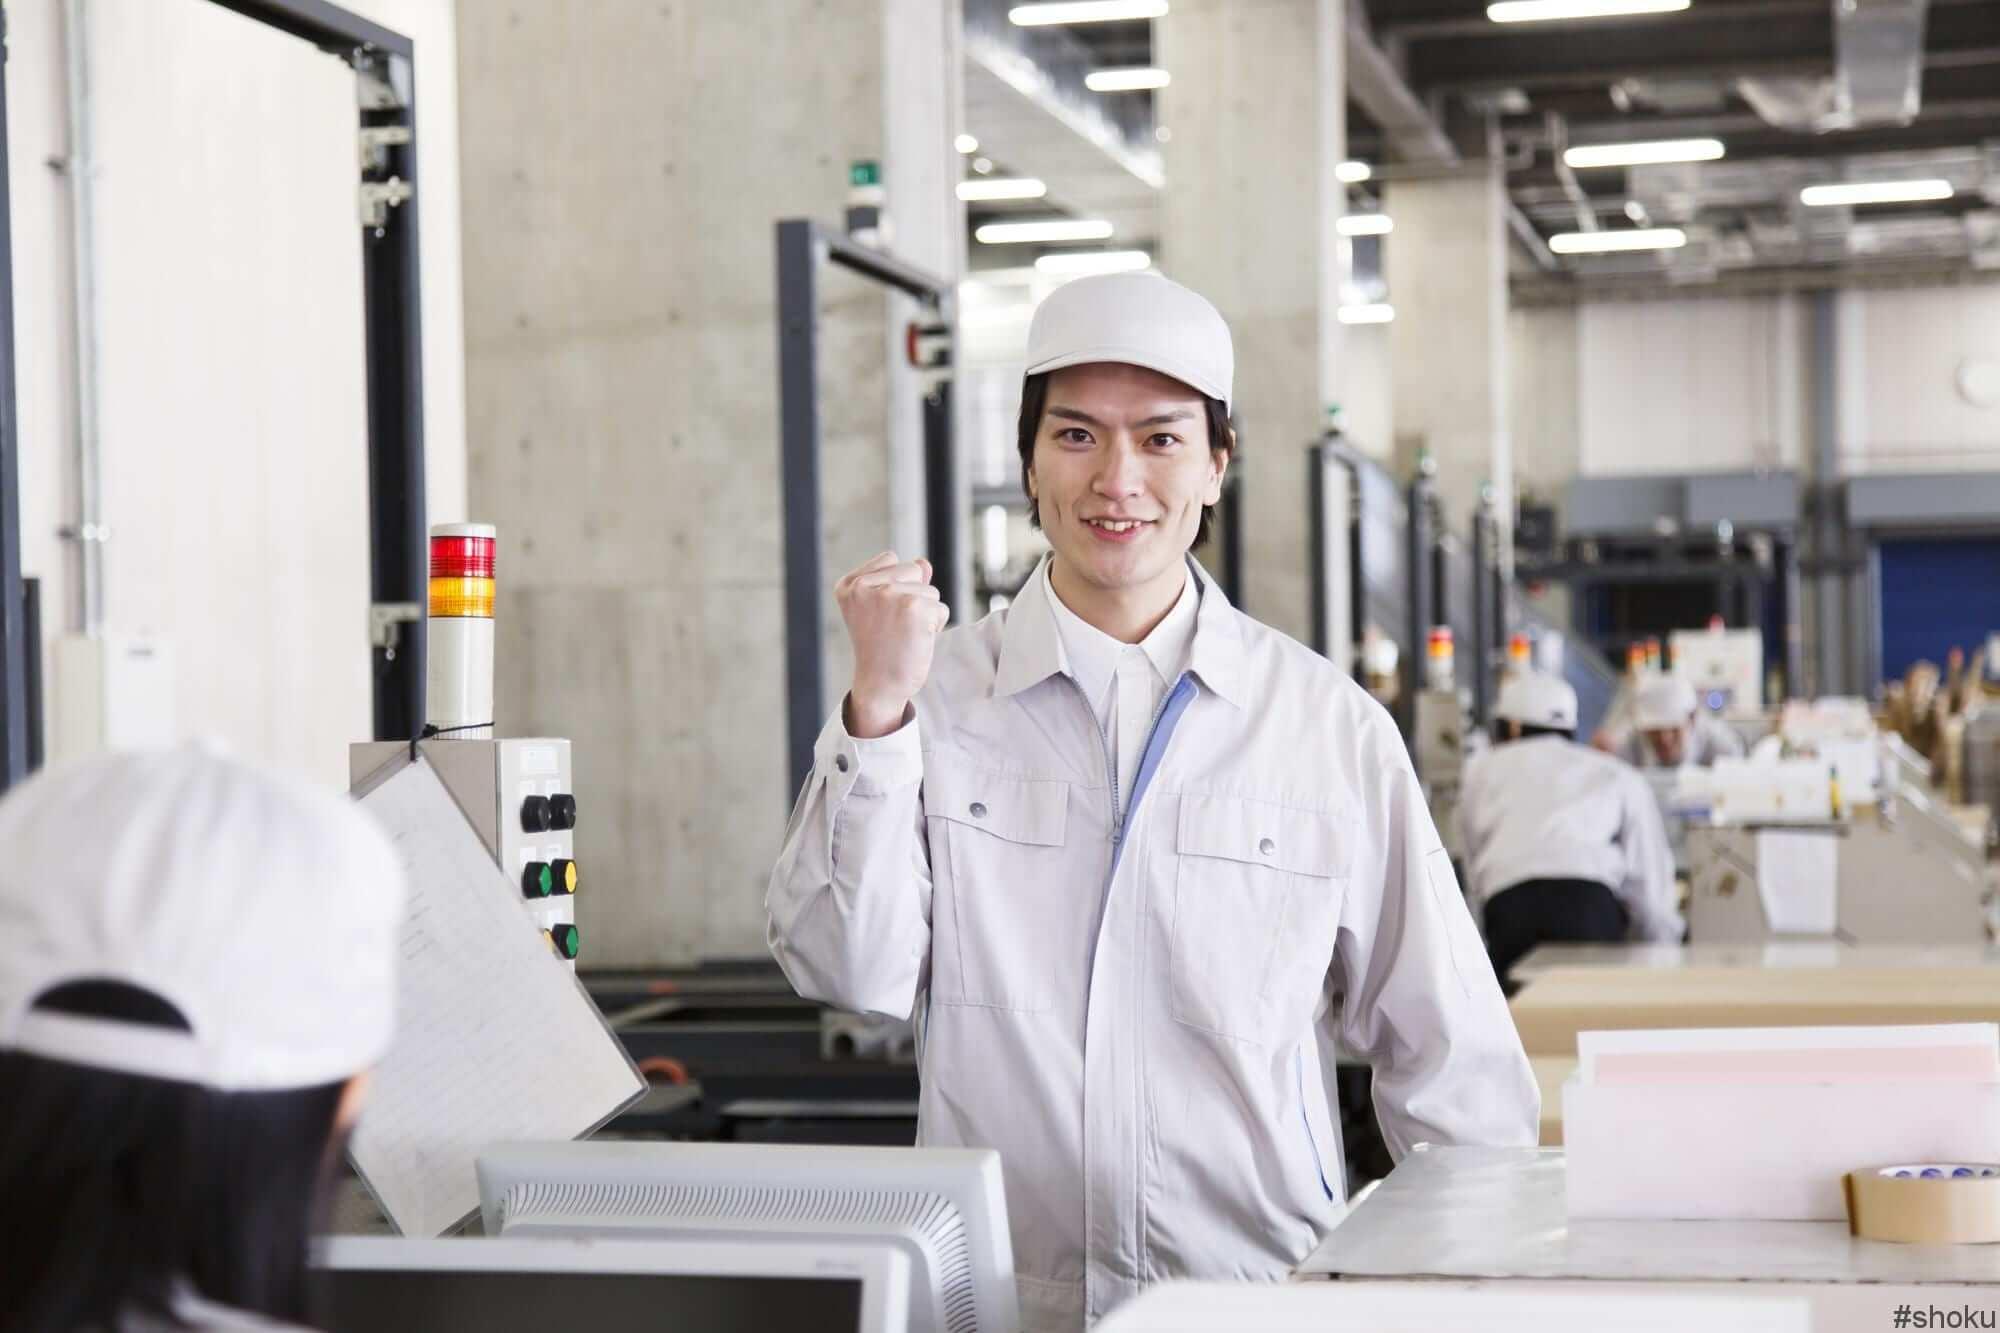 札幌市で「製造業・工場ワーク」を探すなら派遣会社